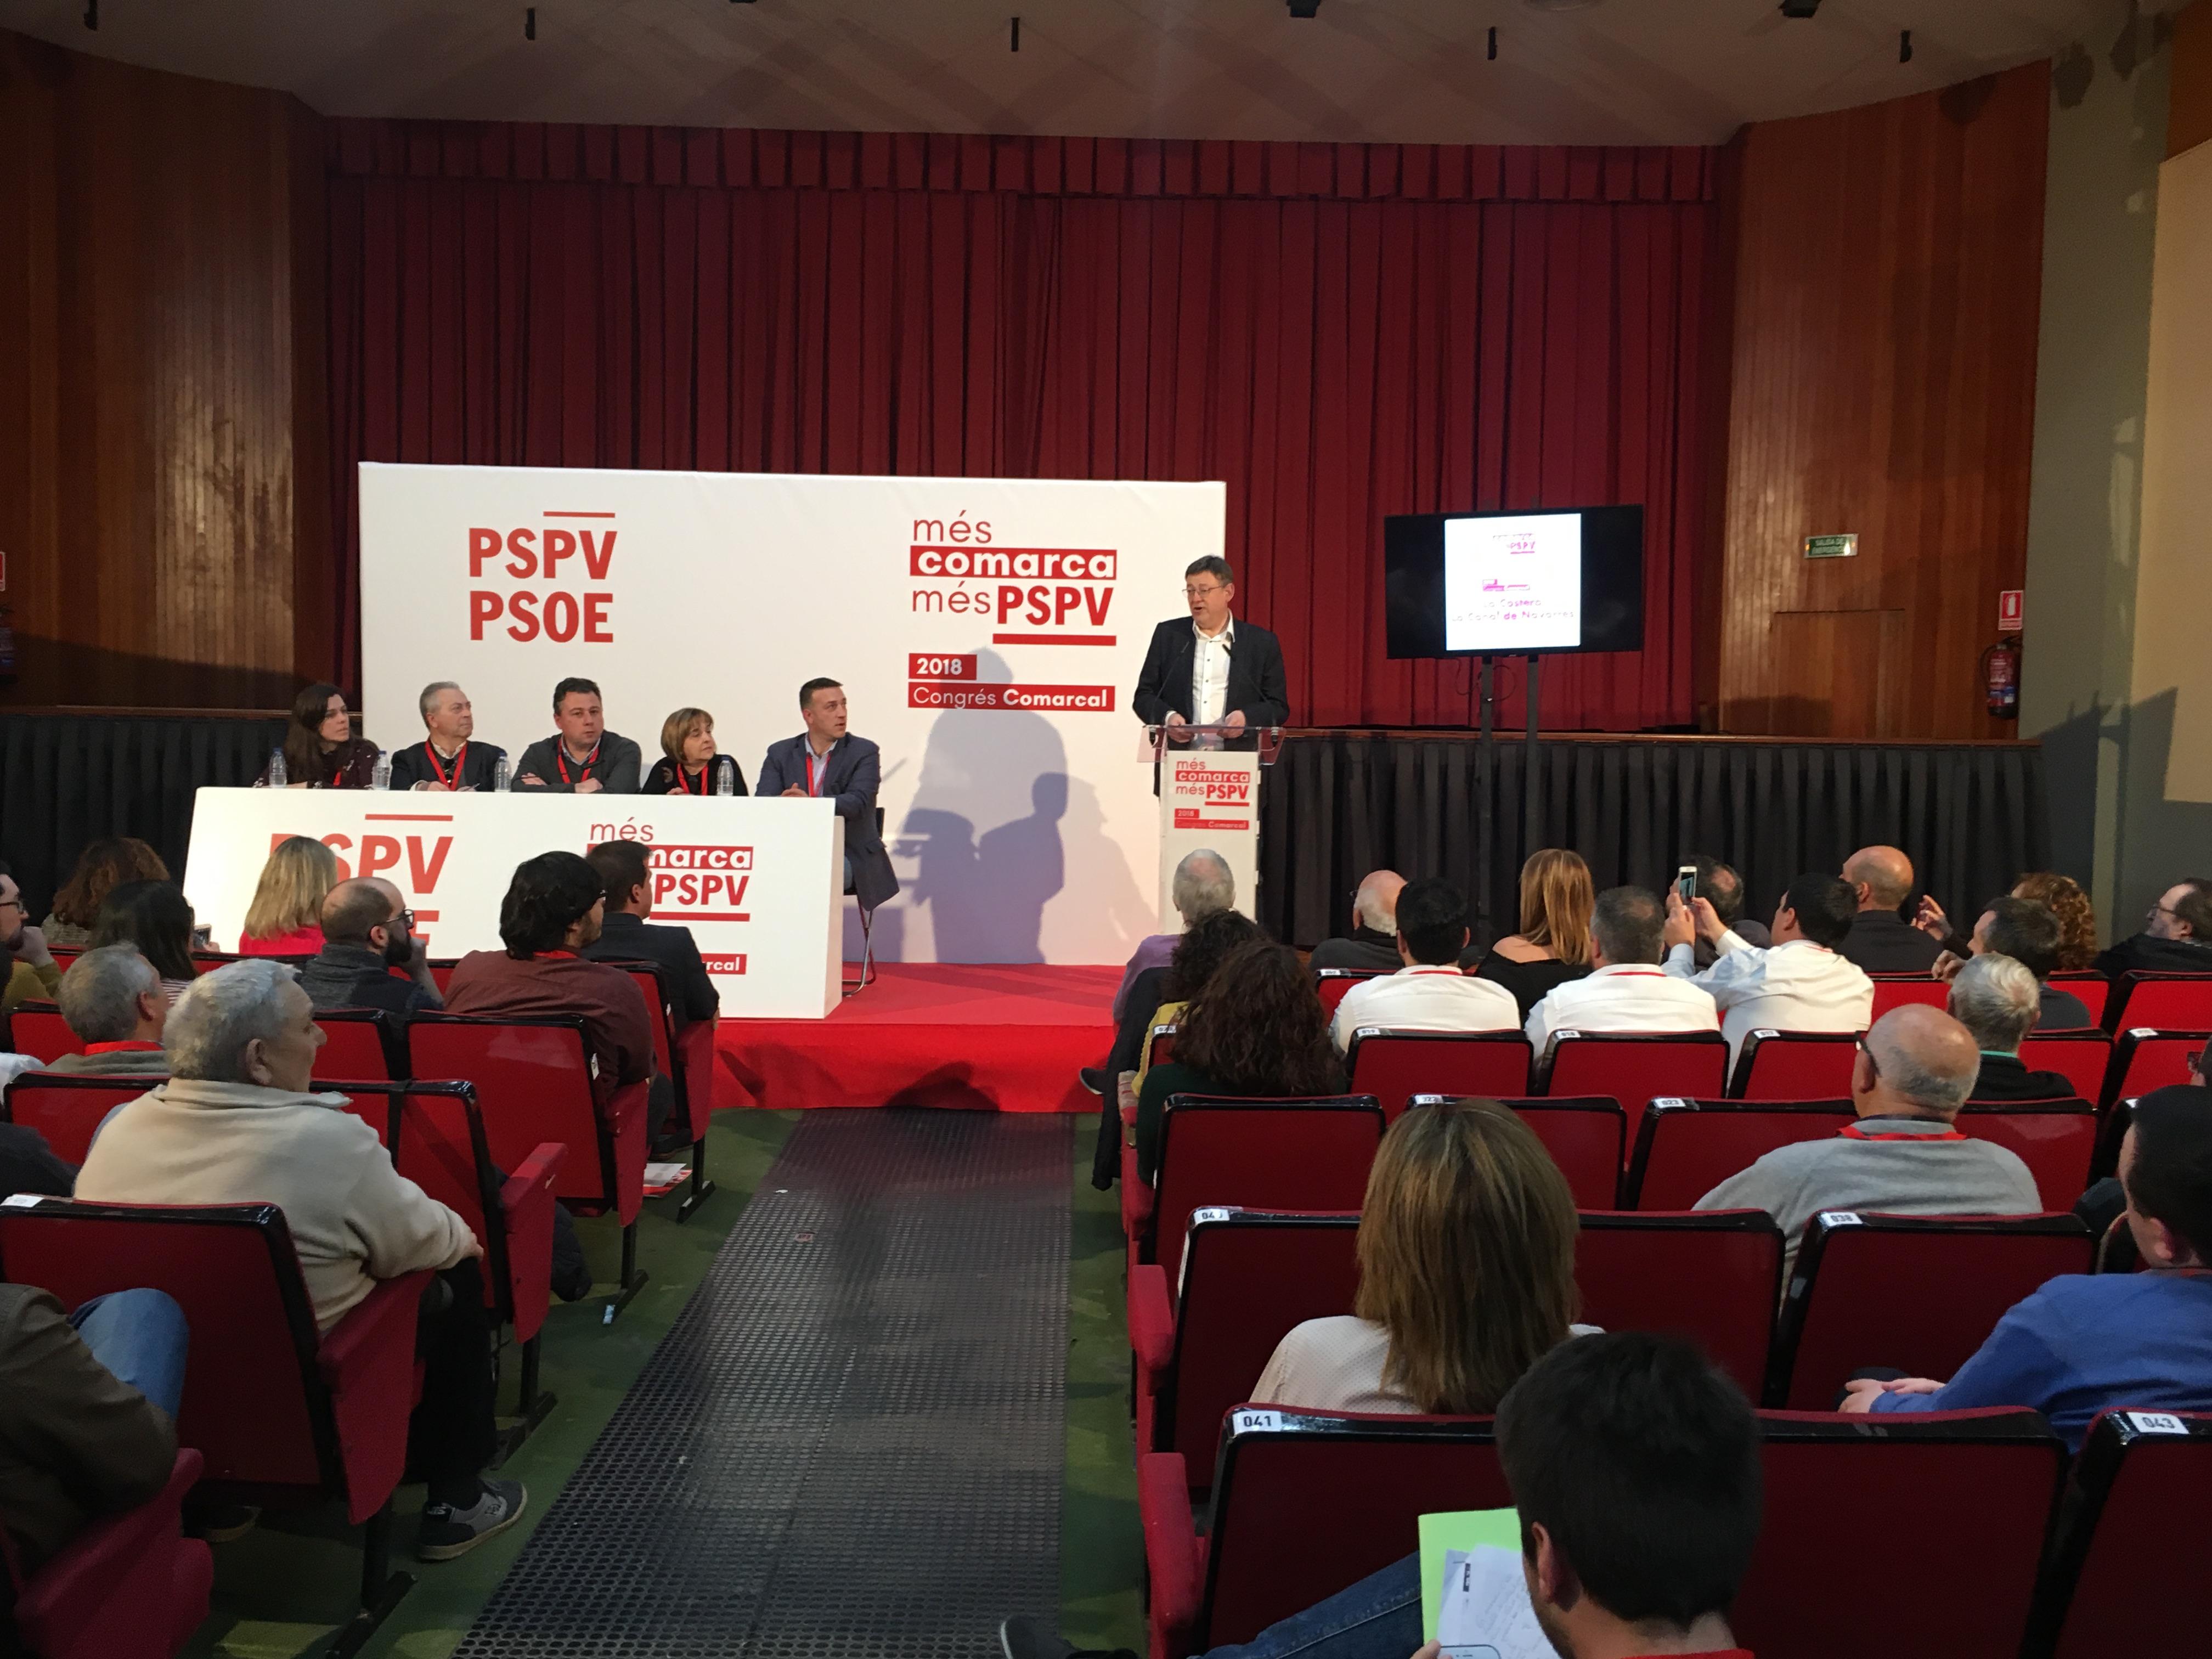 El líder de los socialistas valencianos también se ha referido al carácter municipalista y comarcalista de los socialistas valencianos.